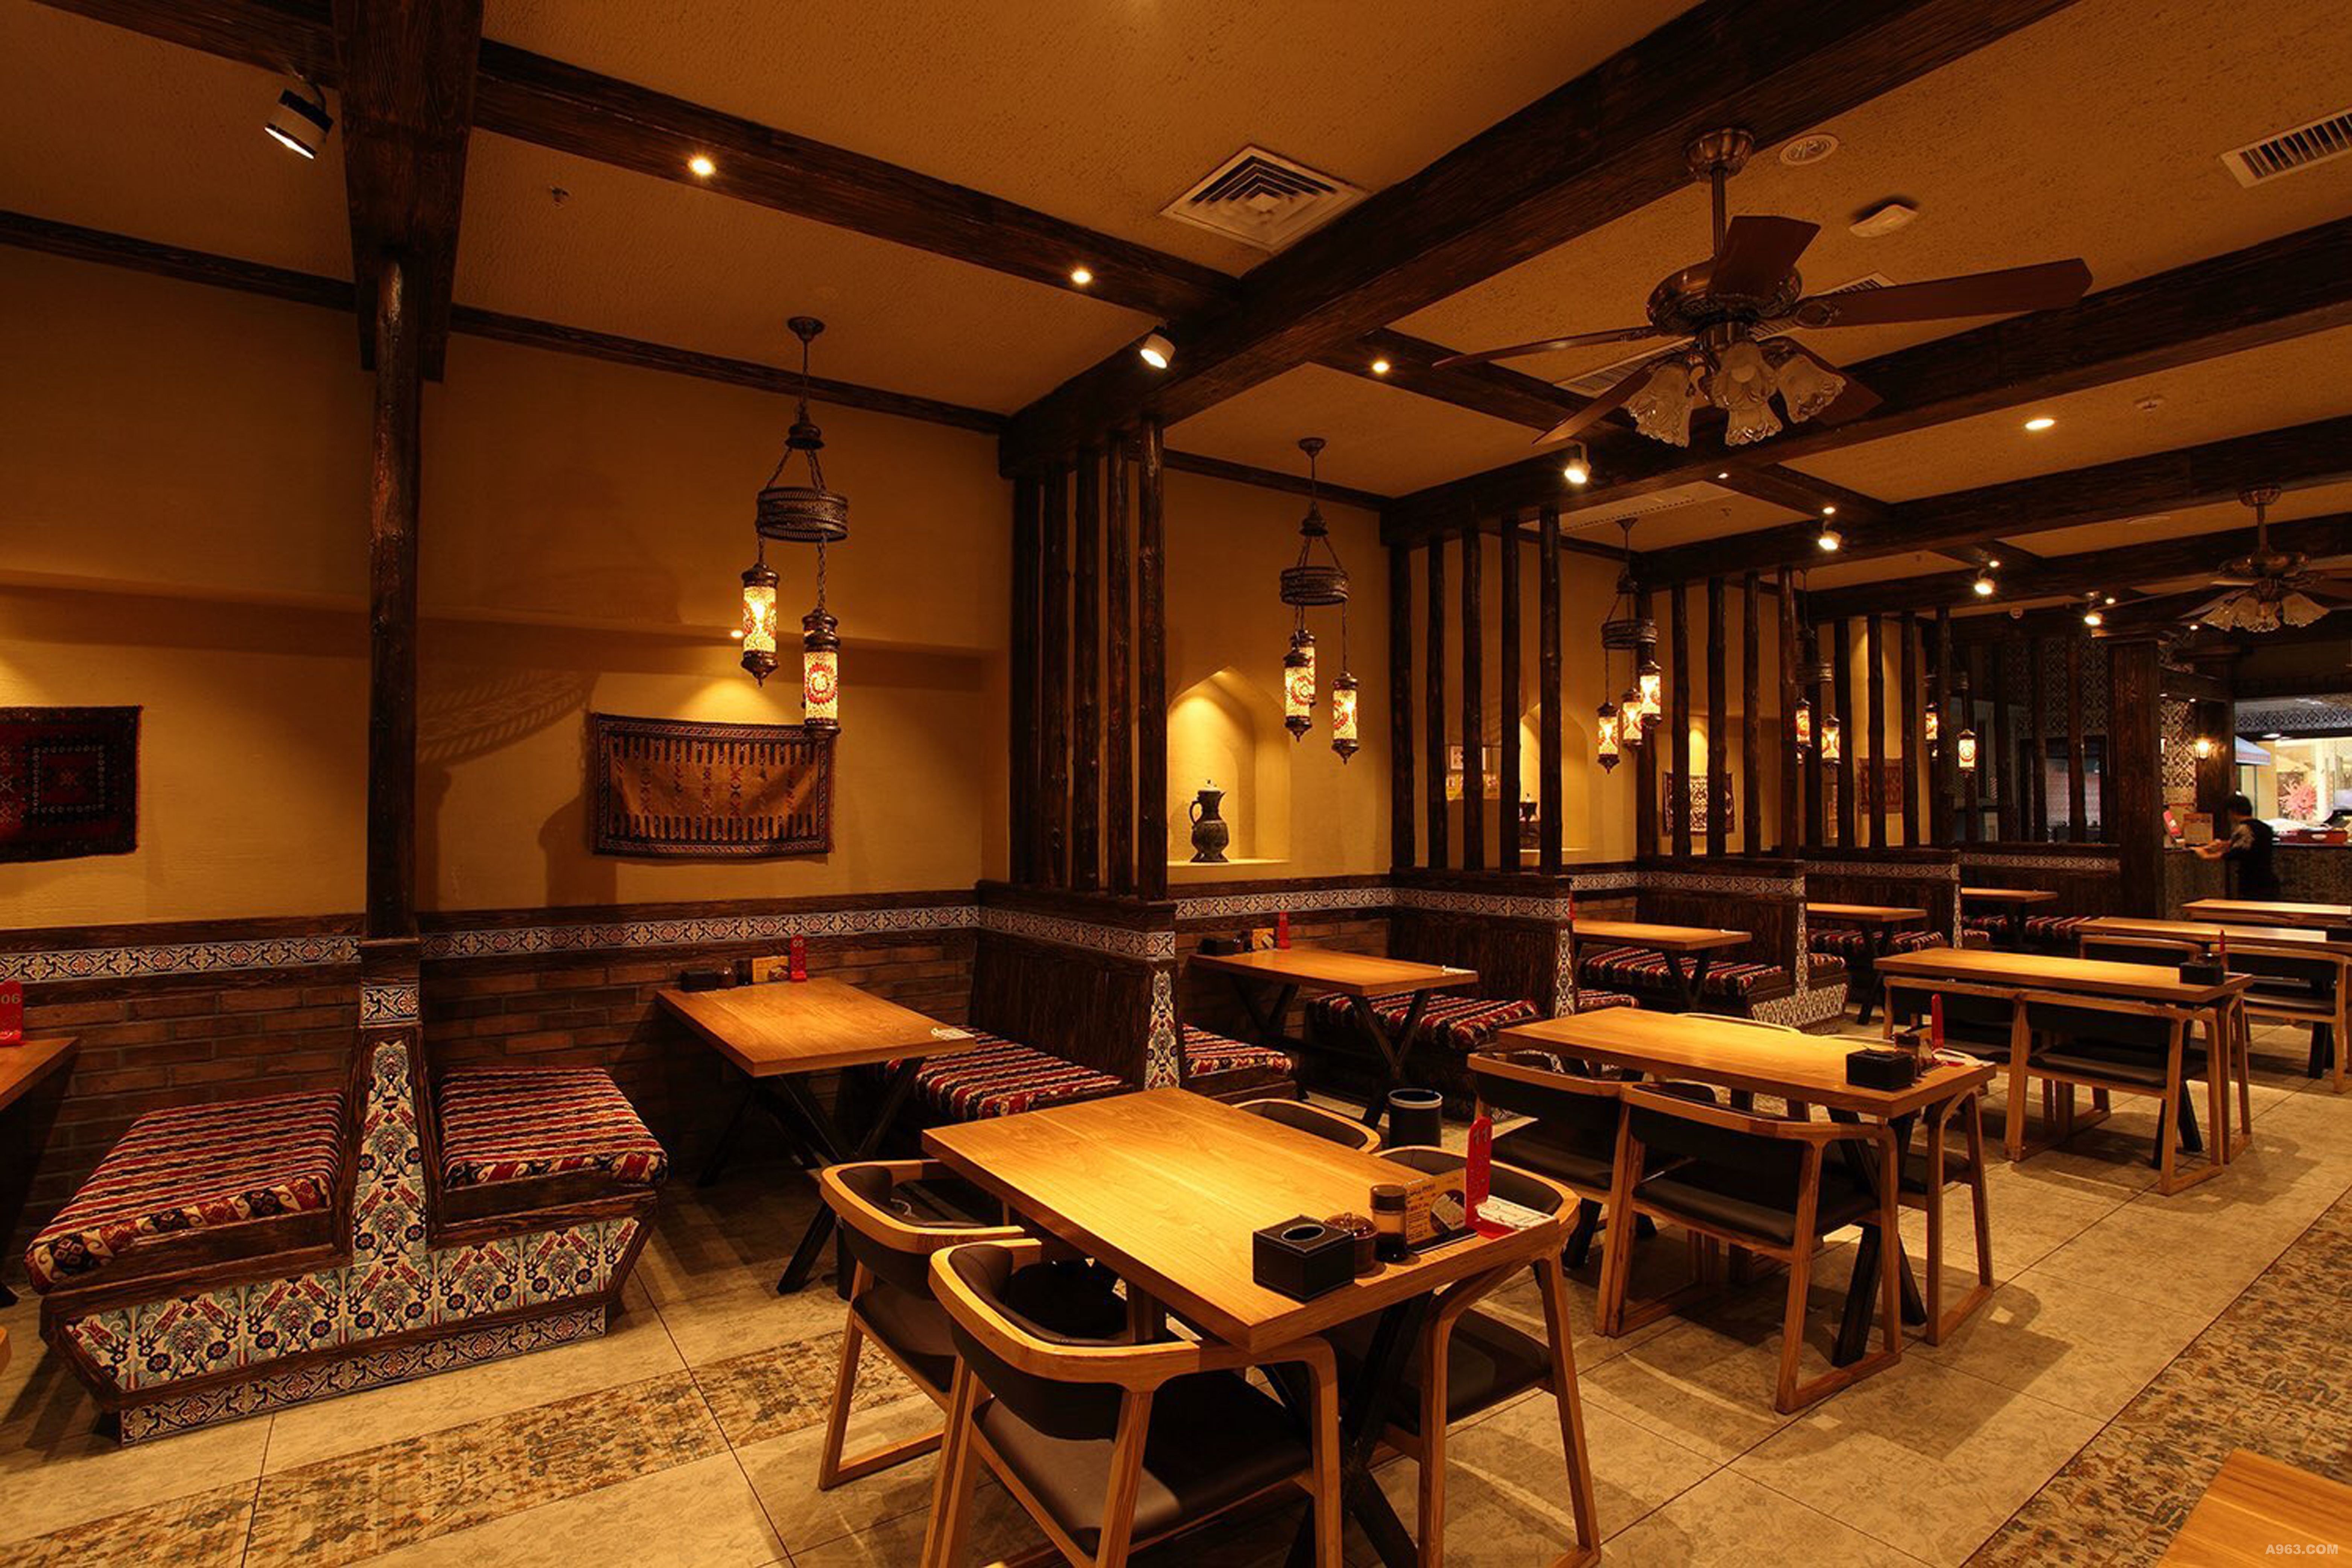 新疆乌鲁木齐万达广场巴巴汗餐饮空间设计图片